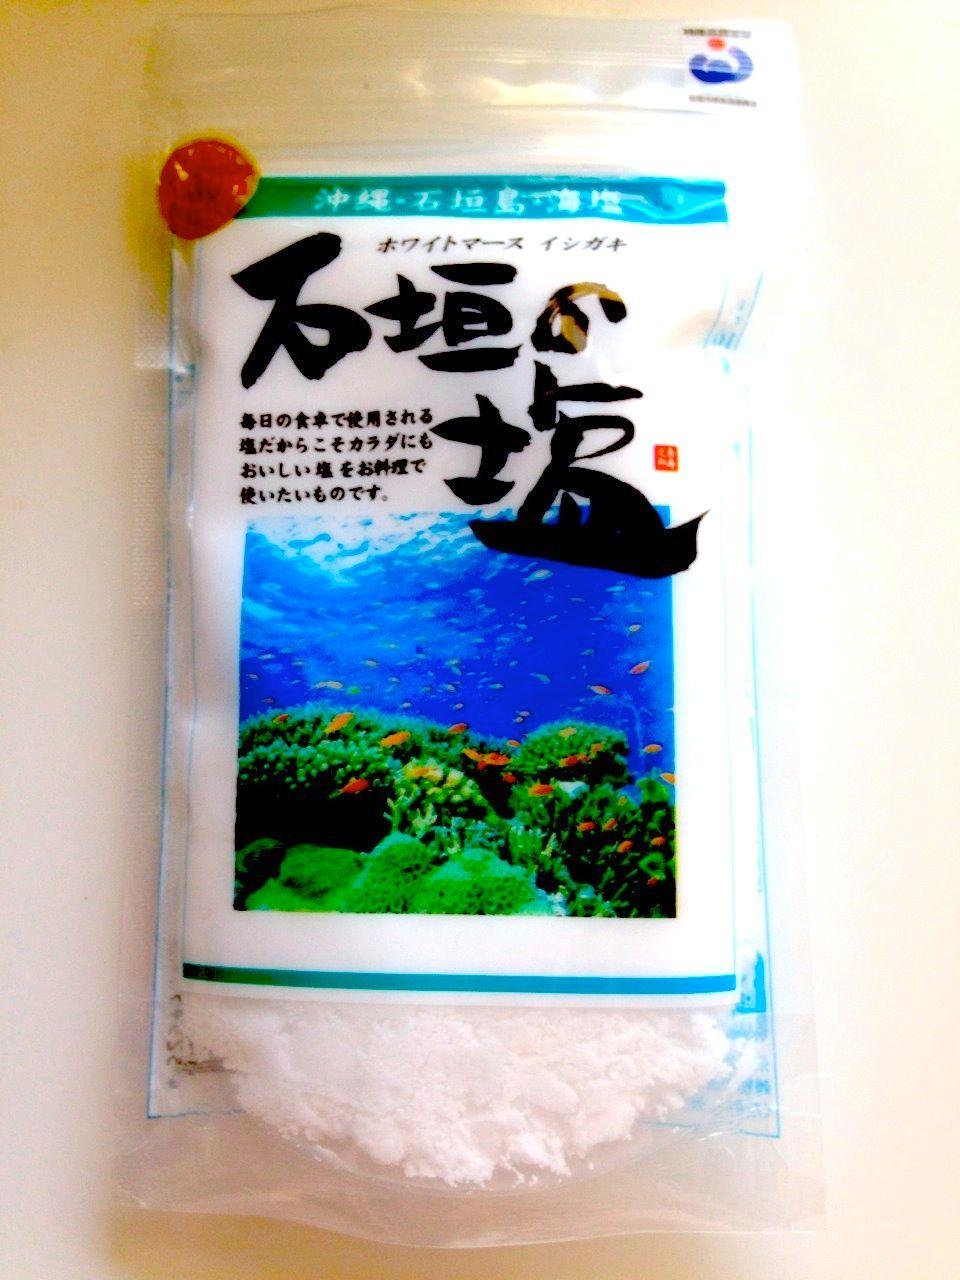 その1『石垣島の塩』